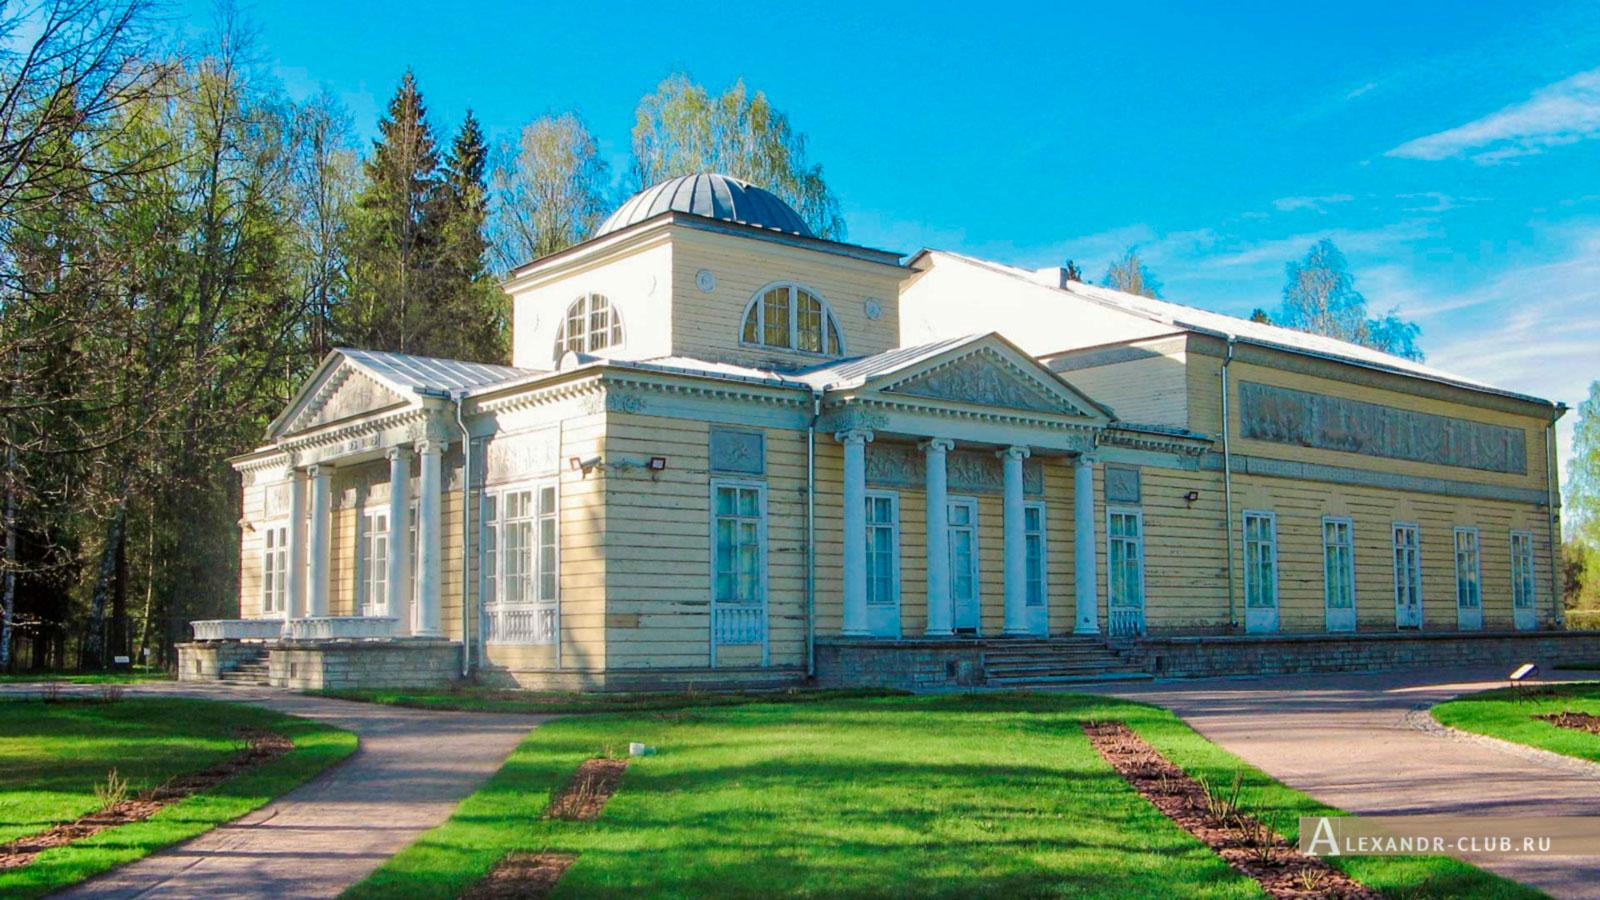 Павловский парк, весна, «Розовый павильон»